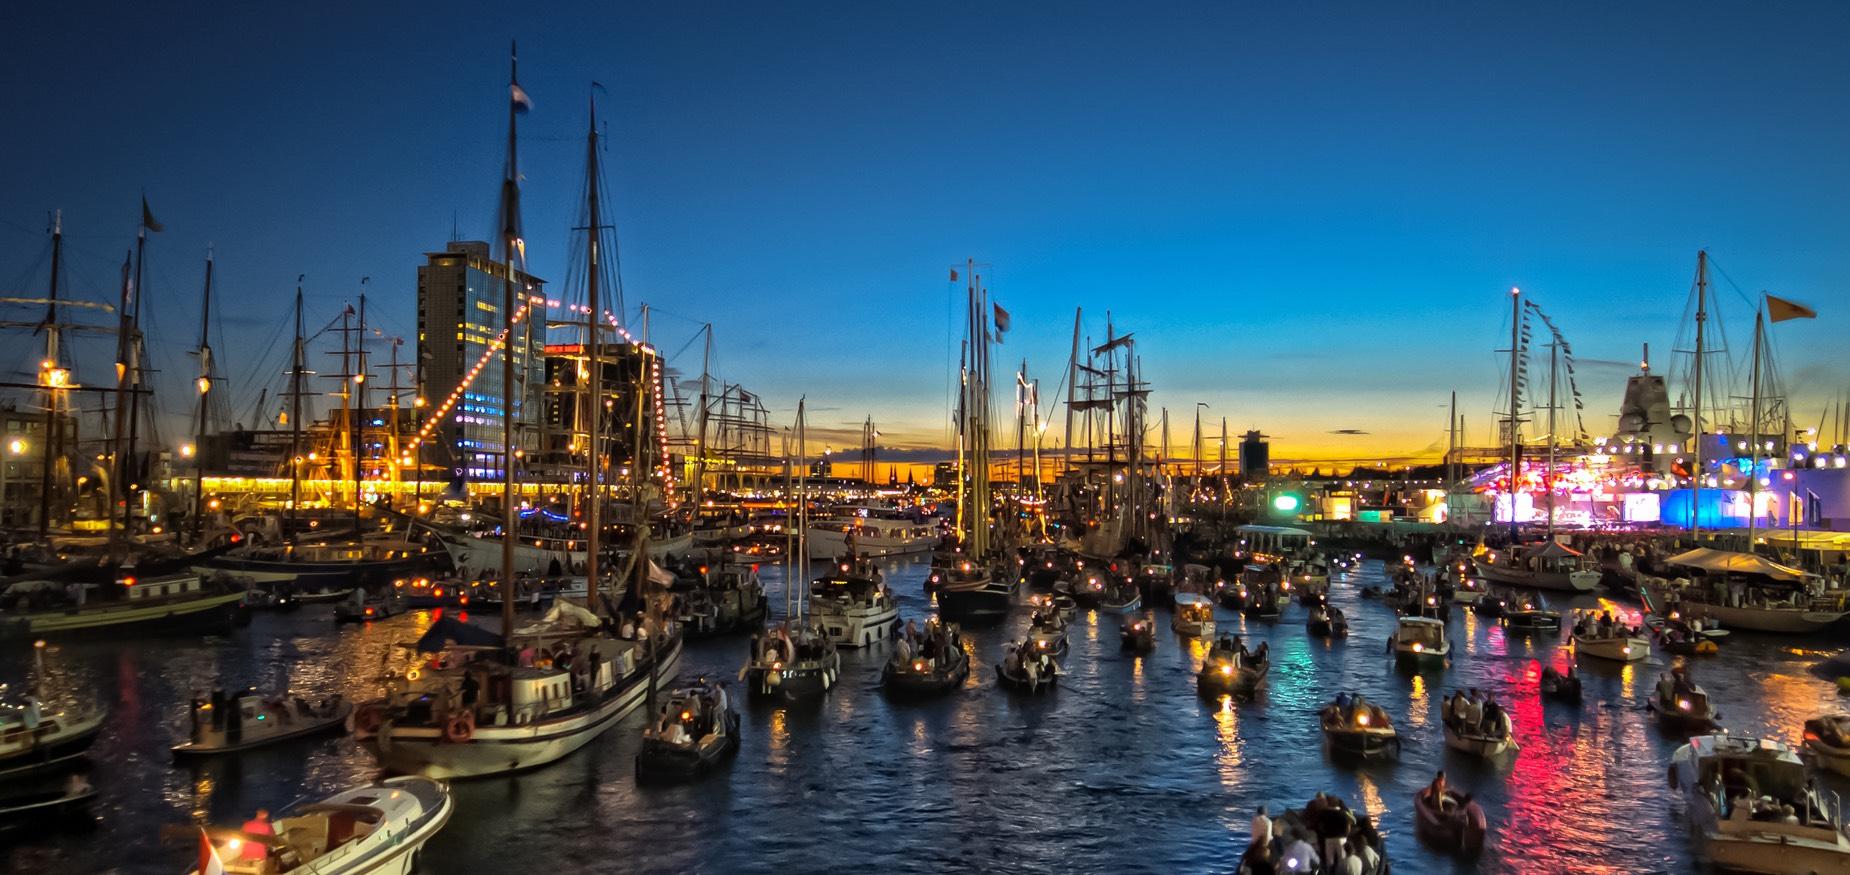 IJ gevuld met boten die het licht aanhebben in de avond